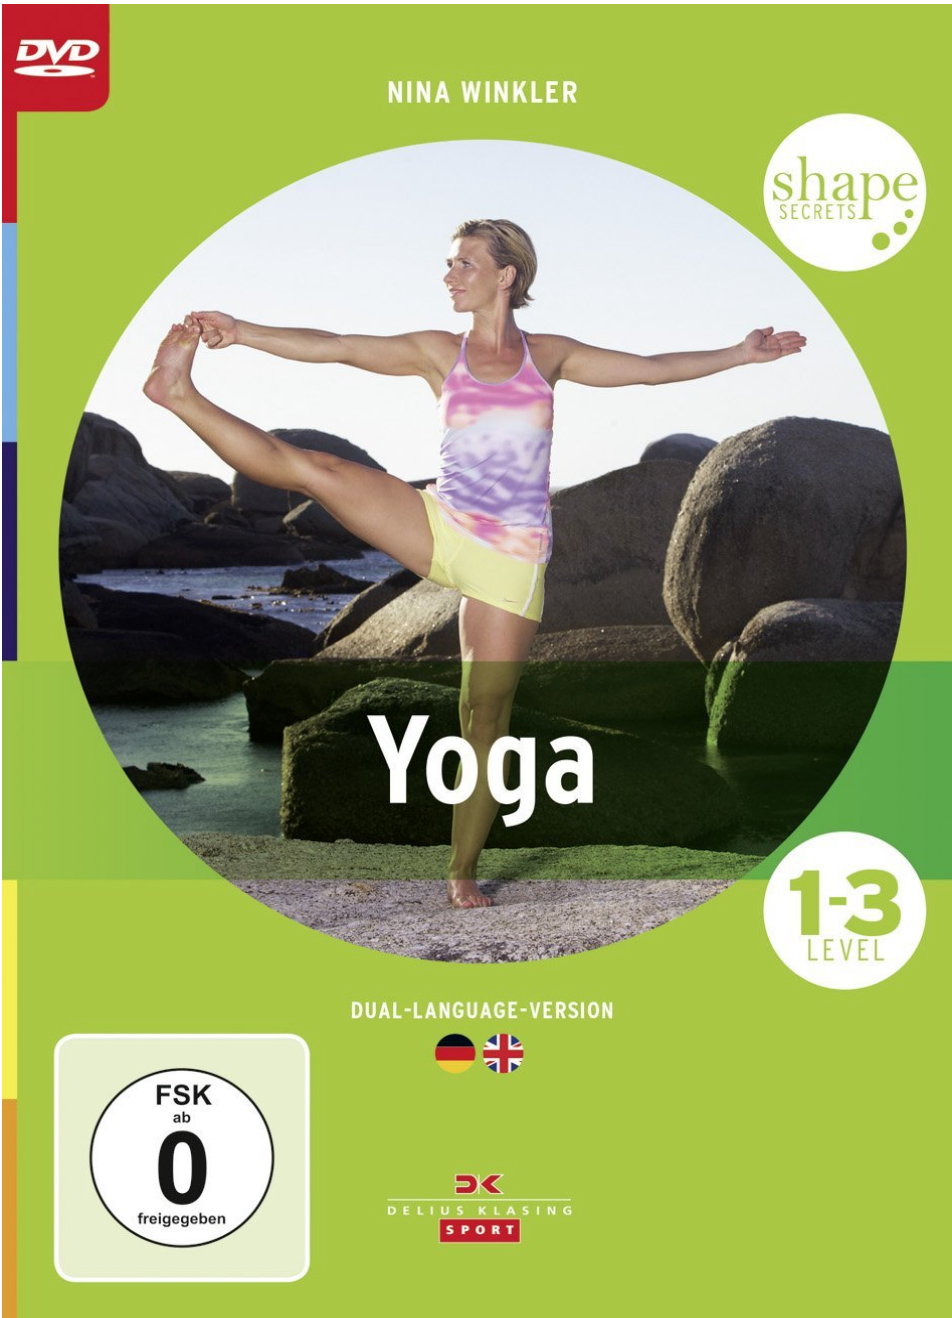 Yoga für alle, immer und überall